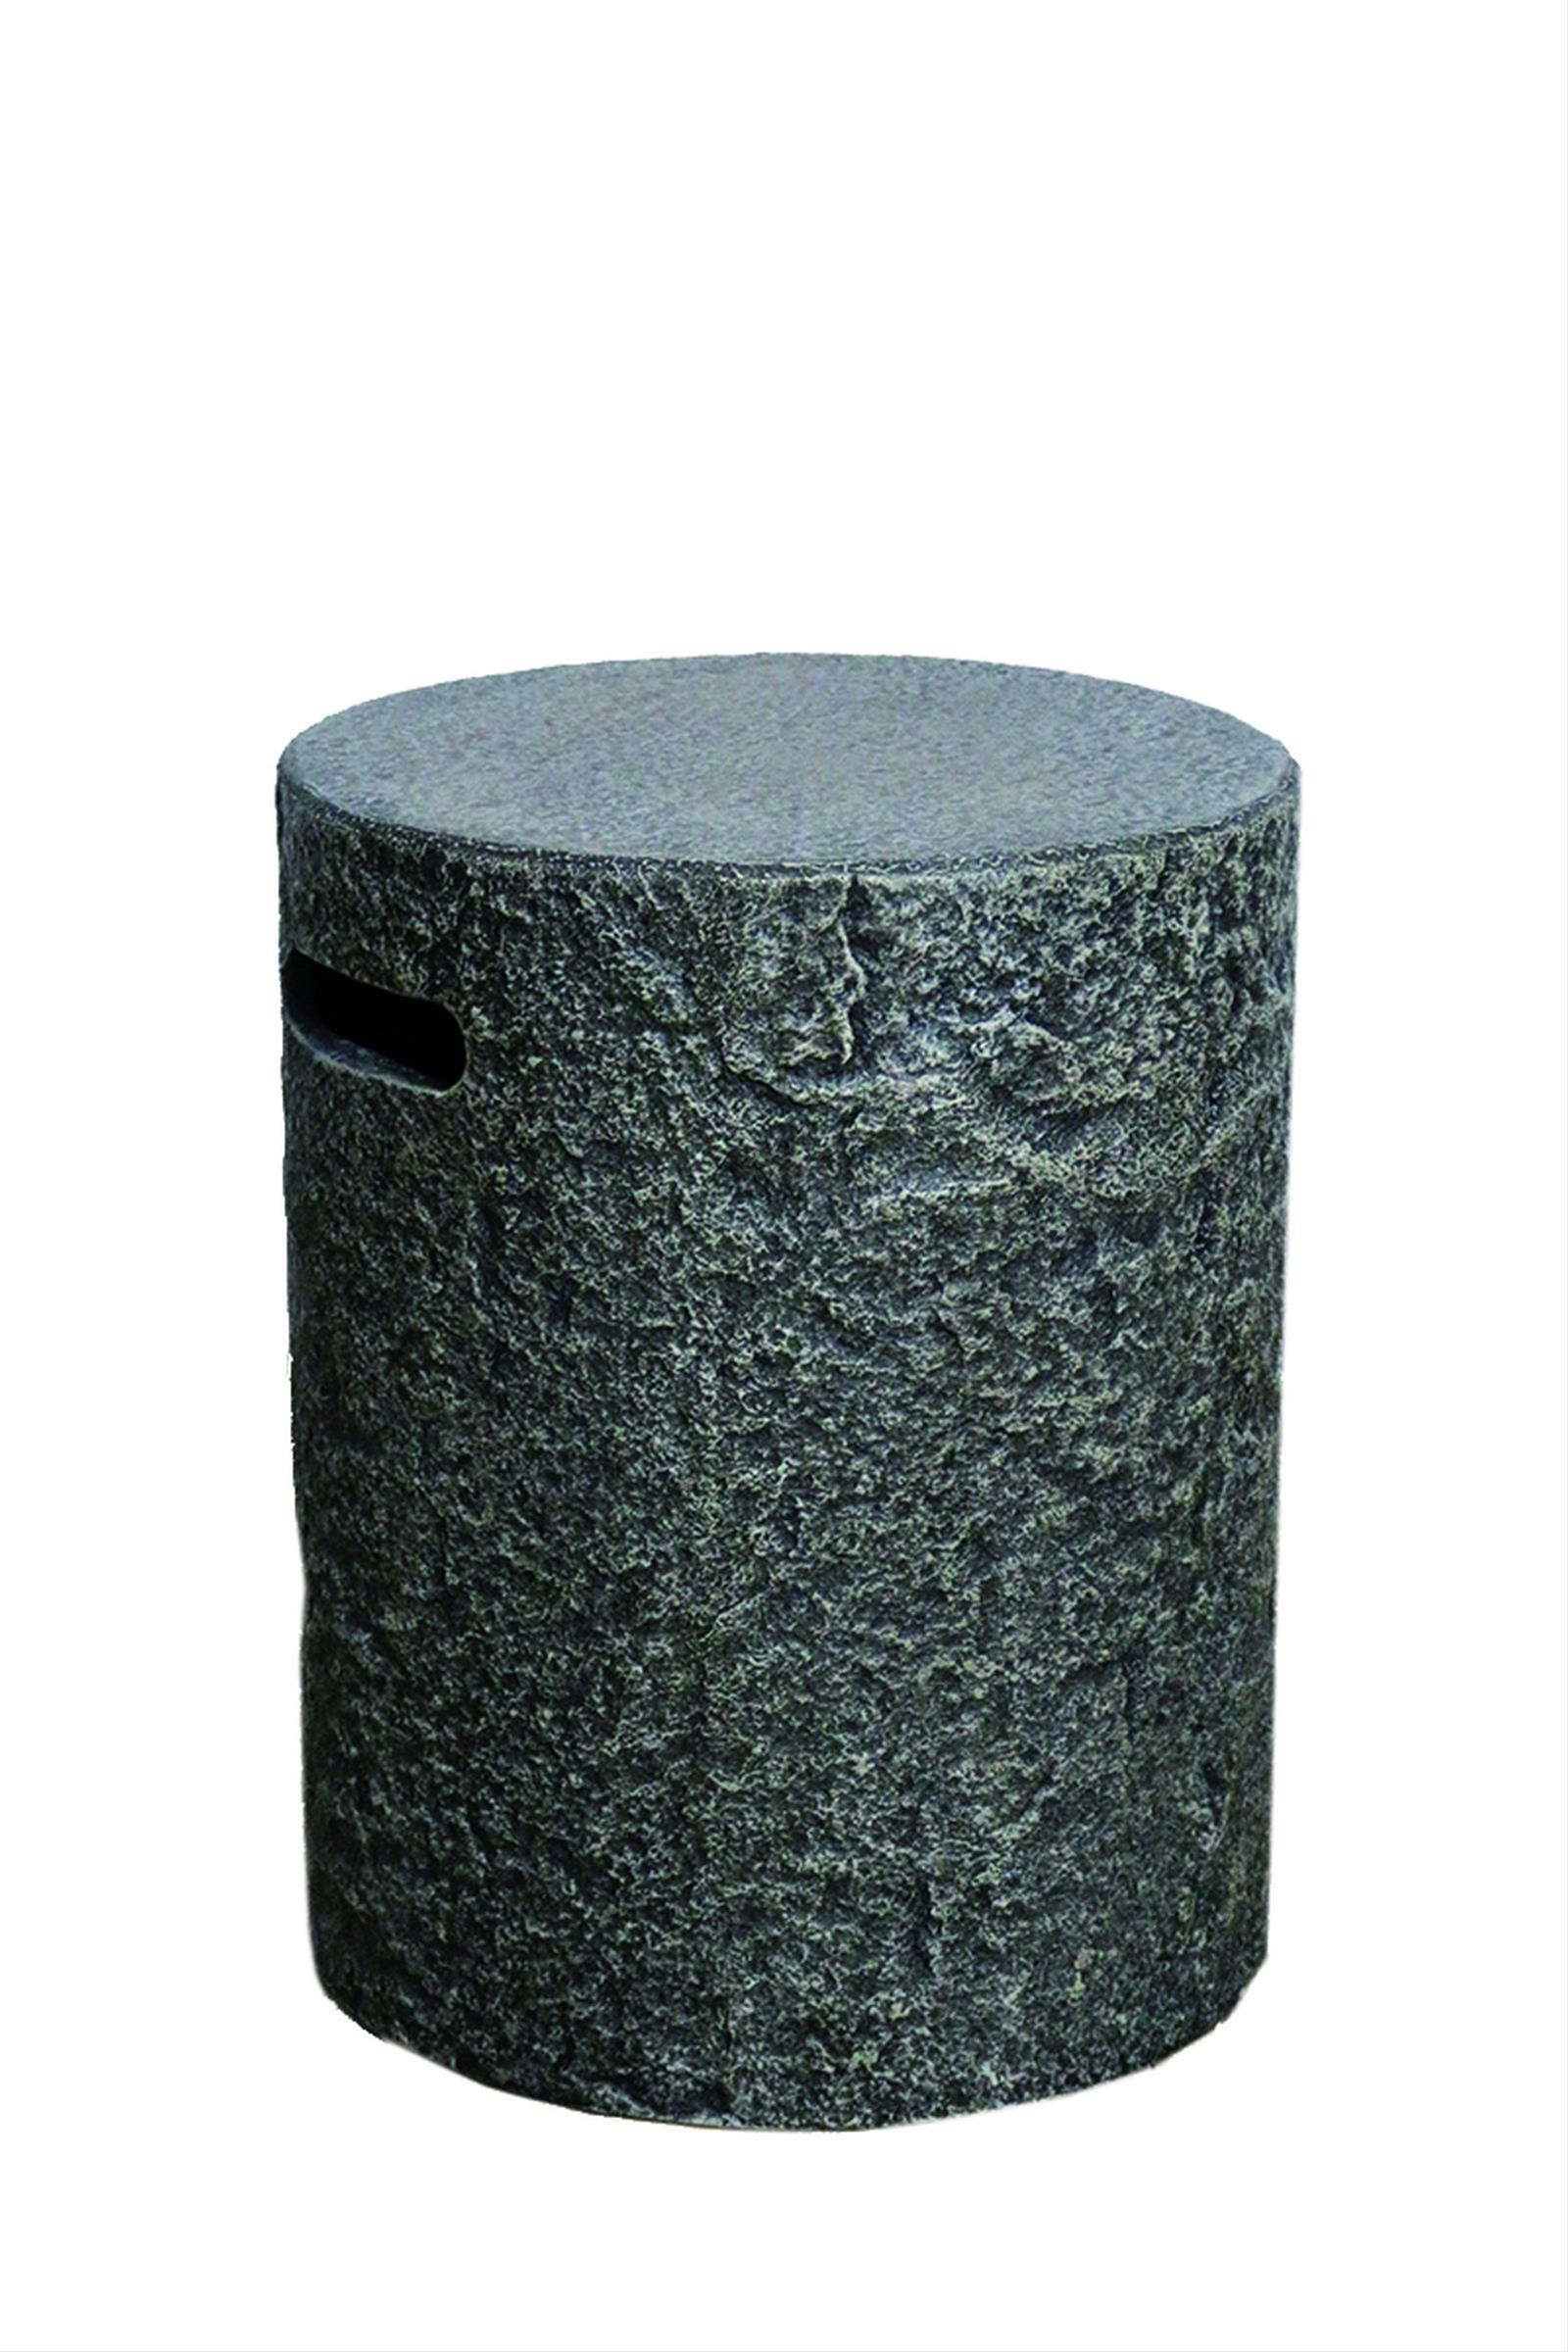 GardenForma Abdeckung für 5kg Gasflasche Eco Stone Naturstein-Optik Bild 1